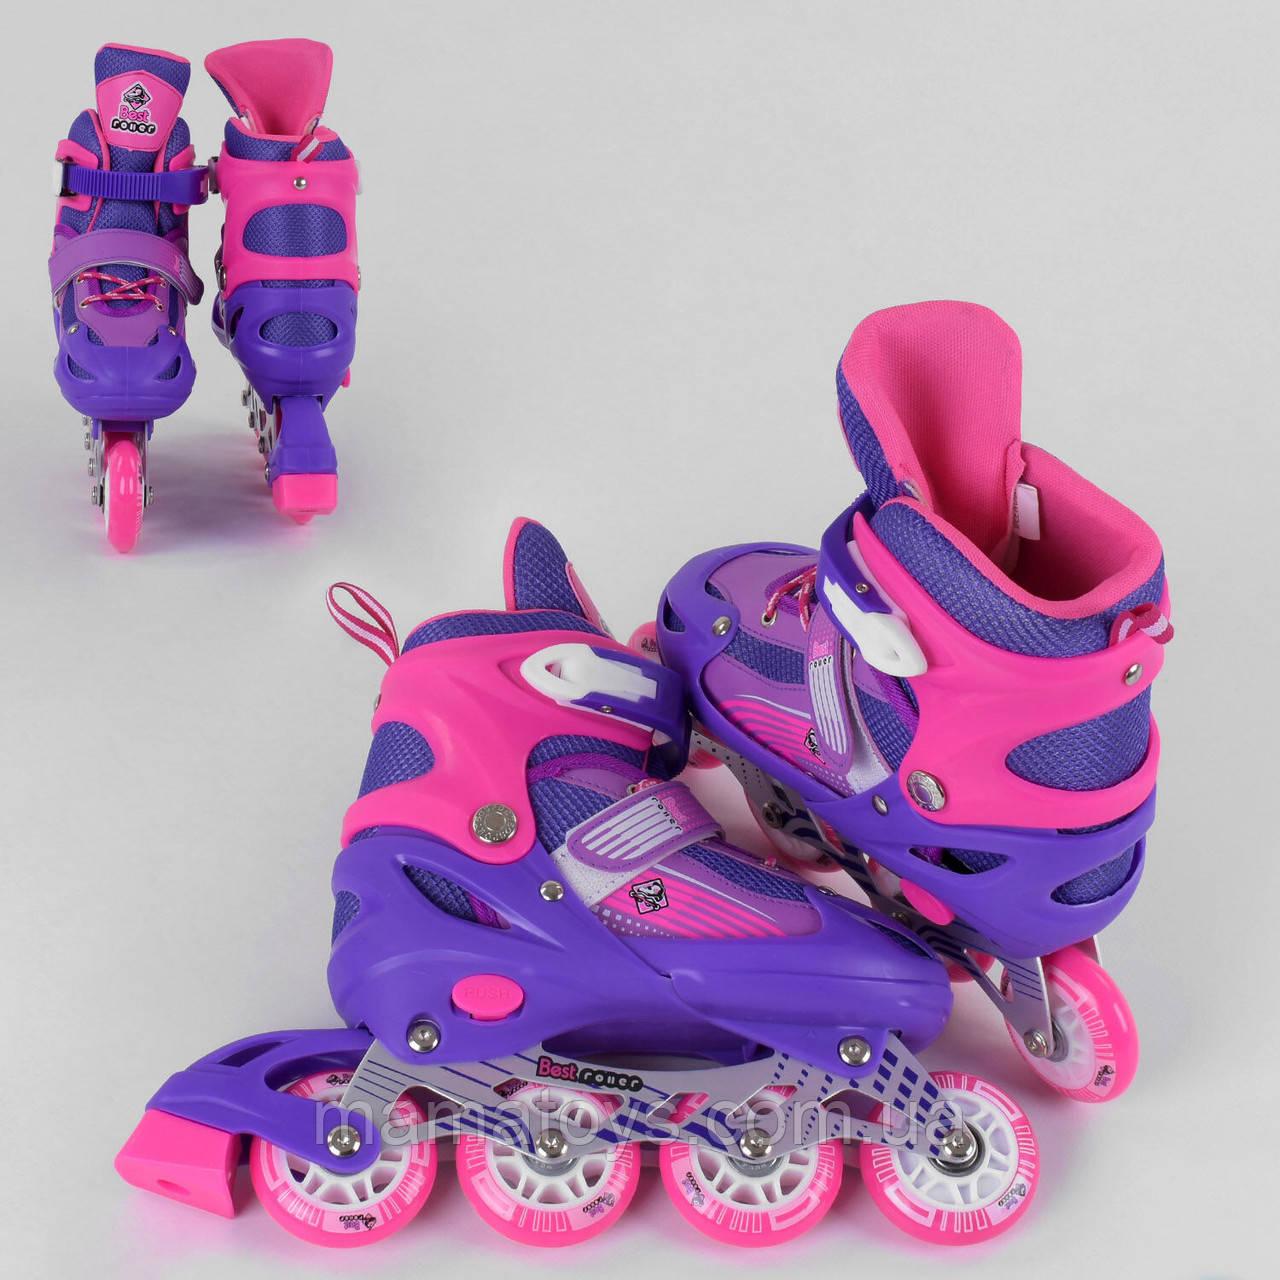 Детские раздвижные Ролики 10033-S (30-33) Best Roller Фиолетовые. Колеса PVC, Переднее светится,